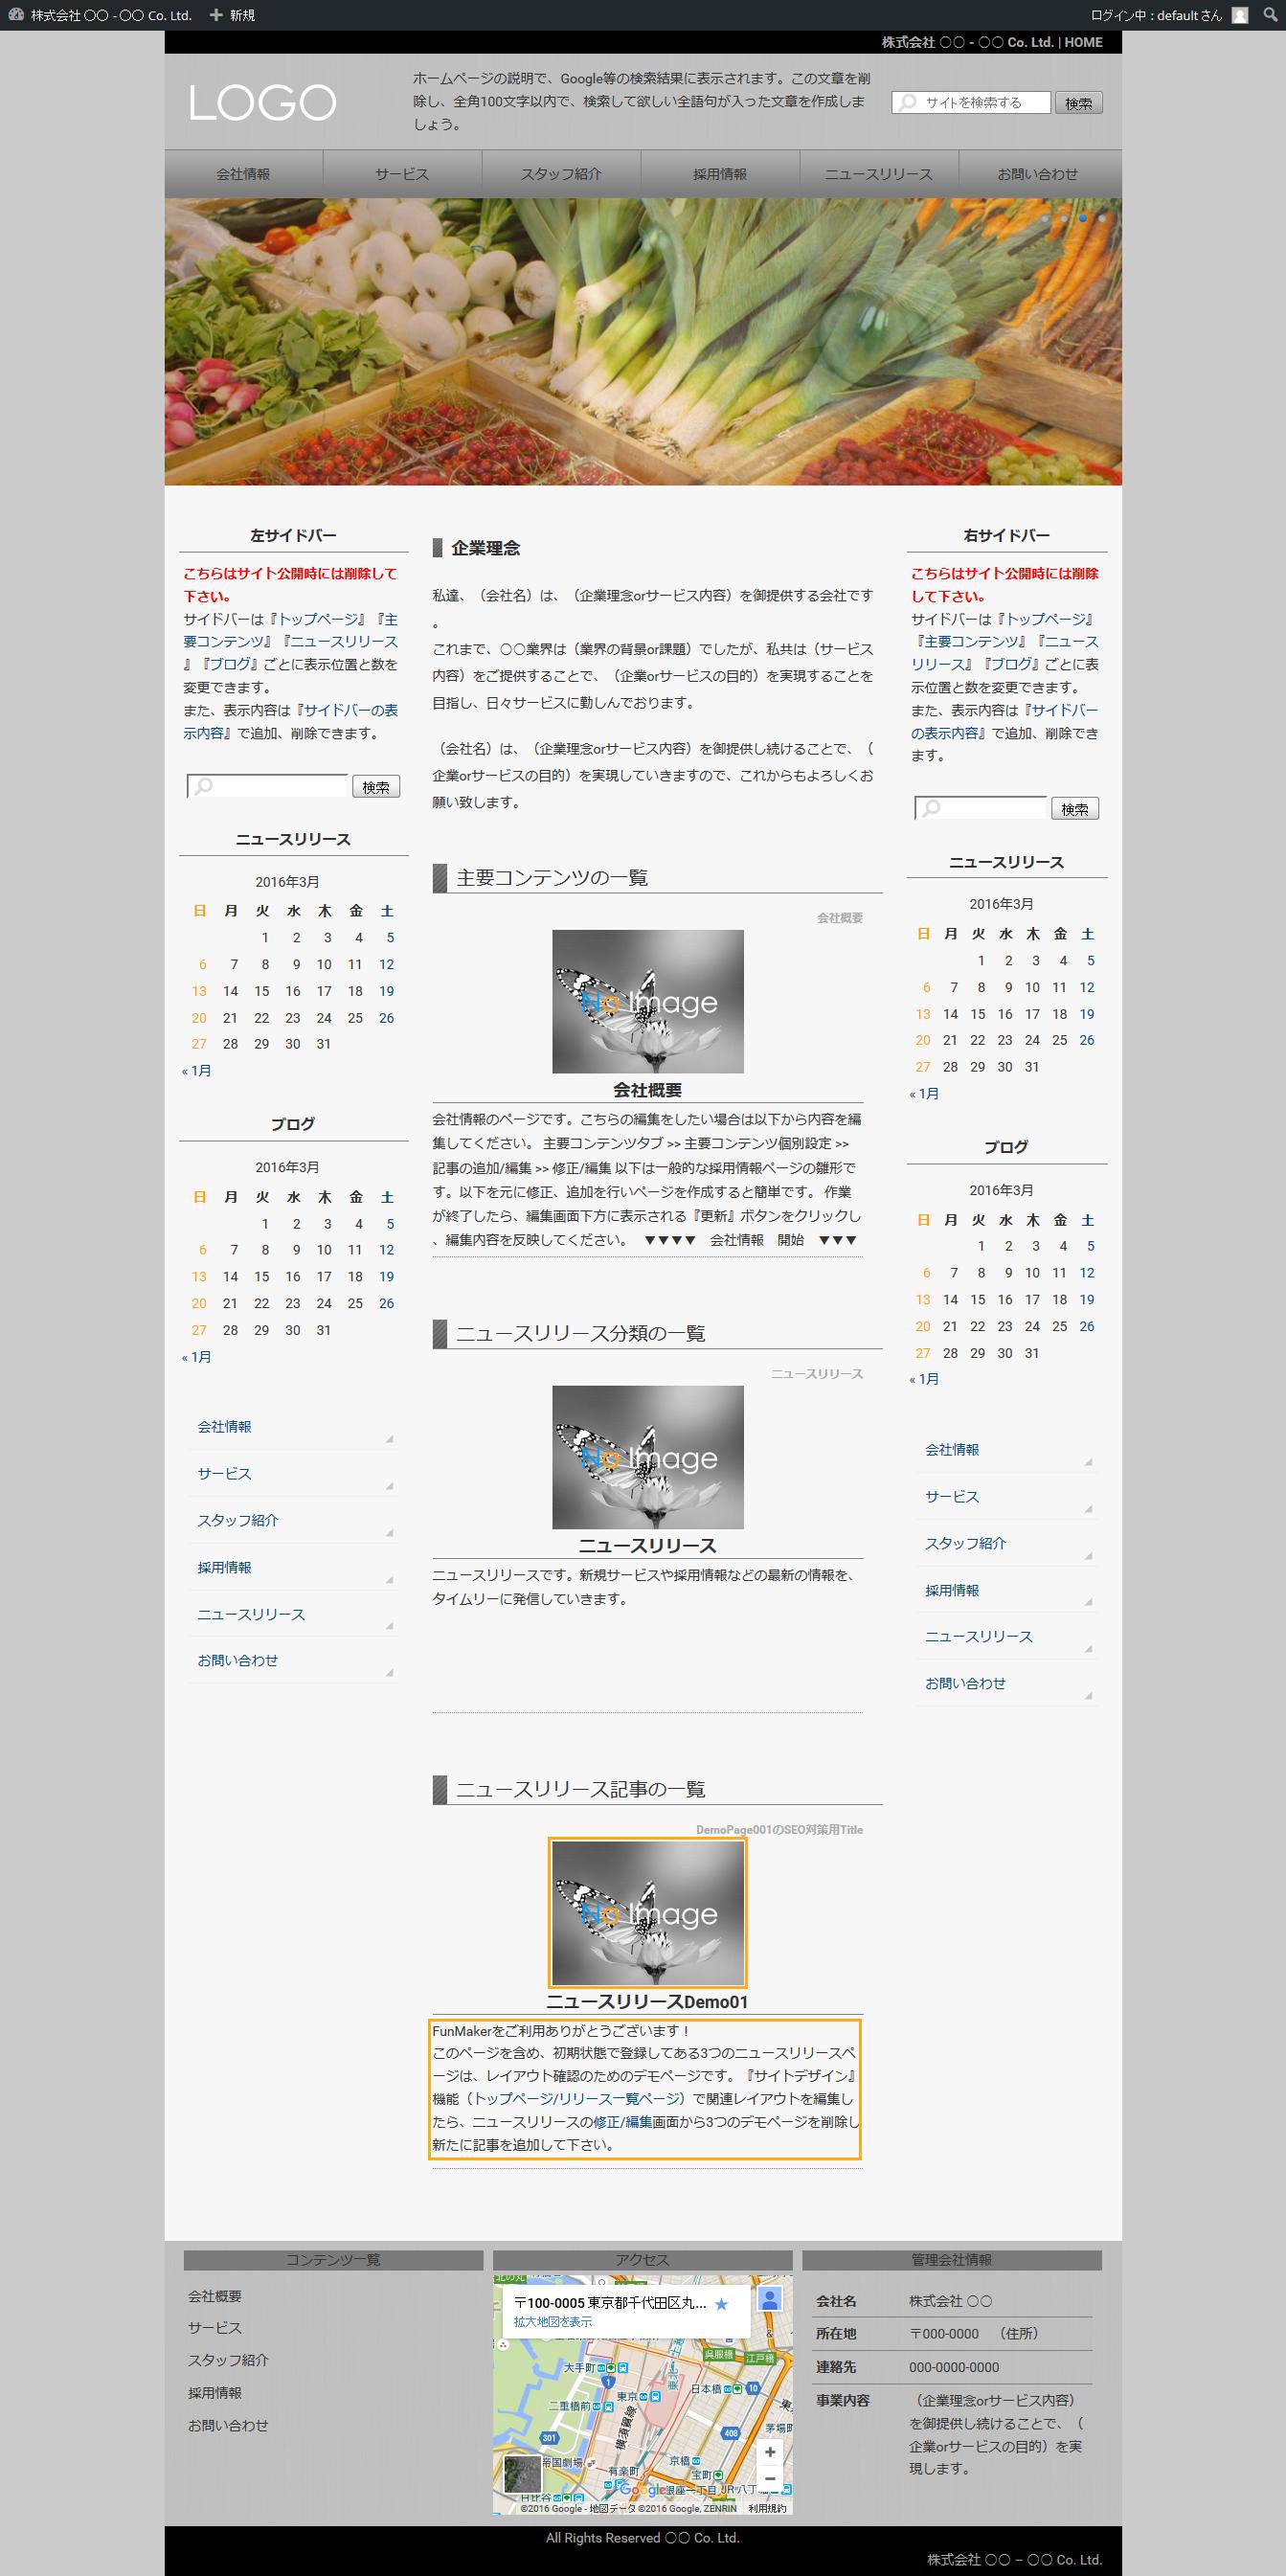 トップページ リリース記事一覧表示 - 簡単格安ホームページ作成会社 -FunMaker